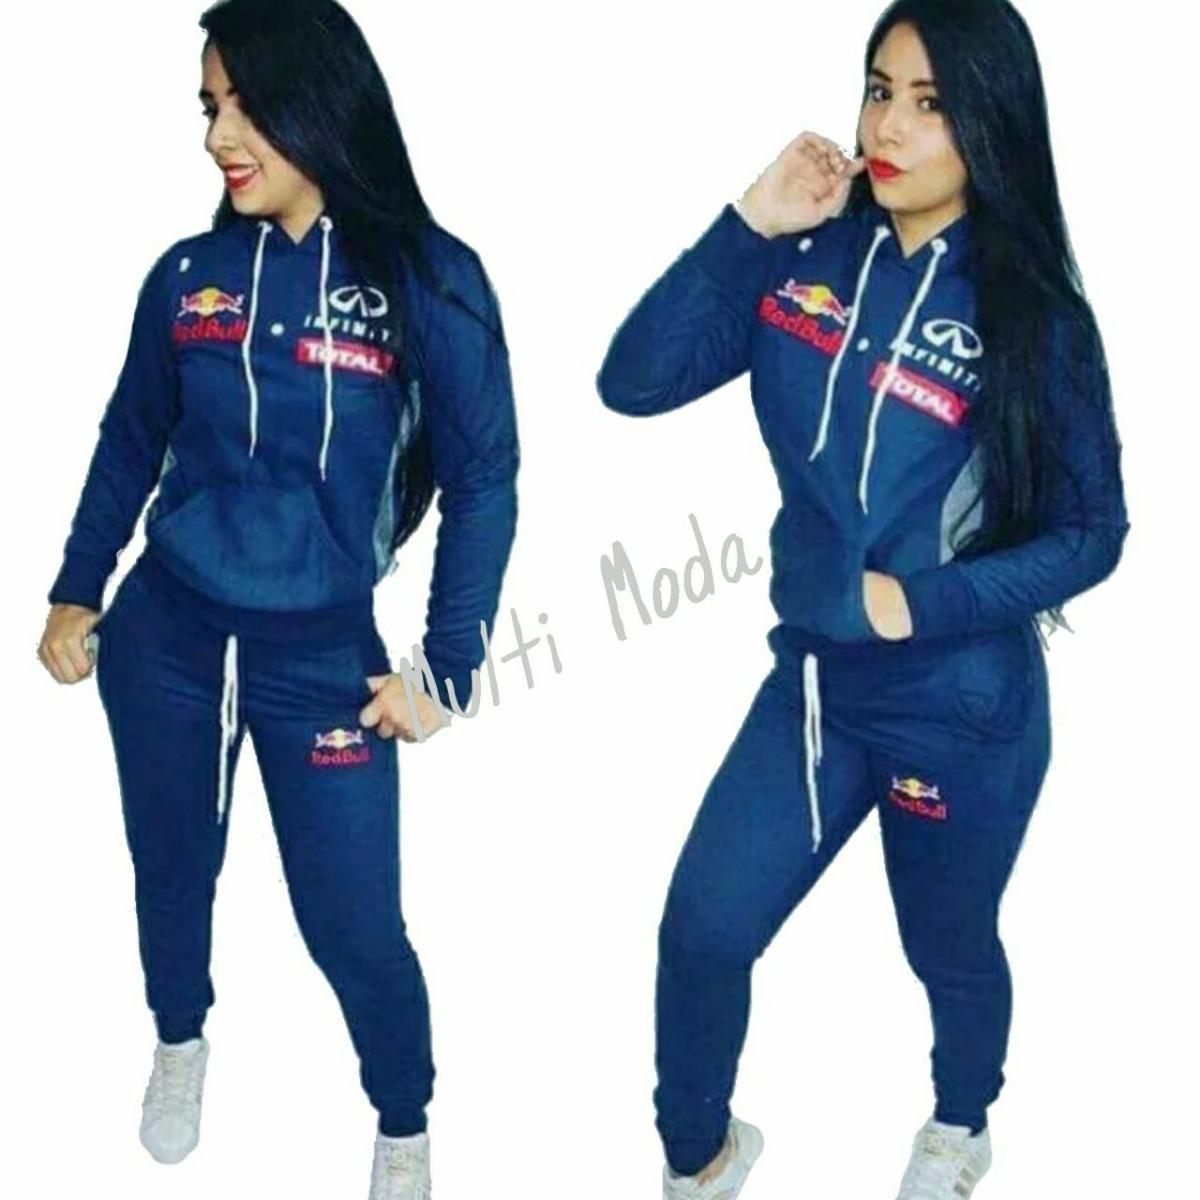 b933e1539c Características. Marca Outros  Modelo Conjunto Moletom Feminino Red Bull  Blusa Com Capuz e Calça